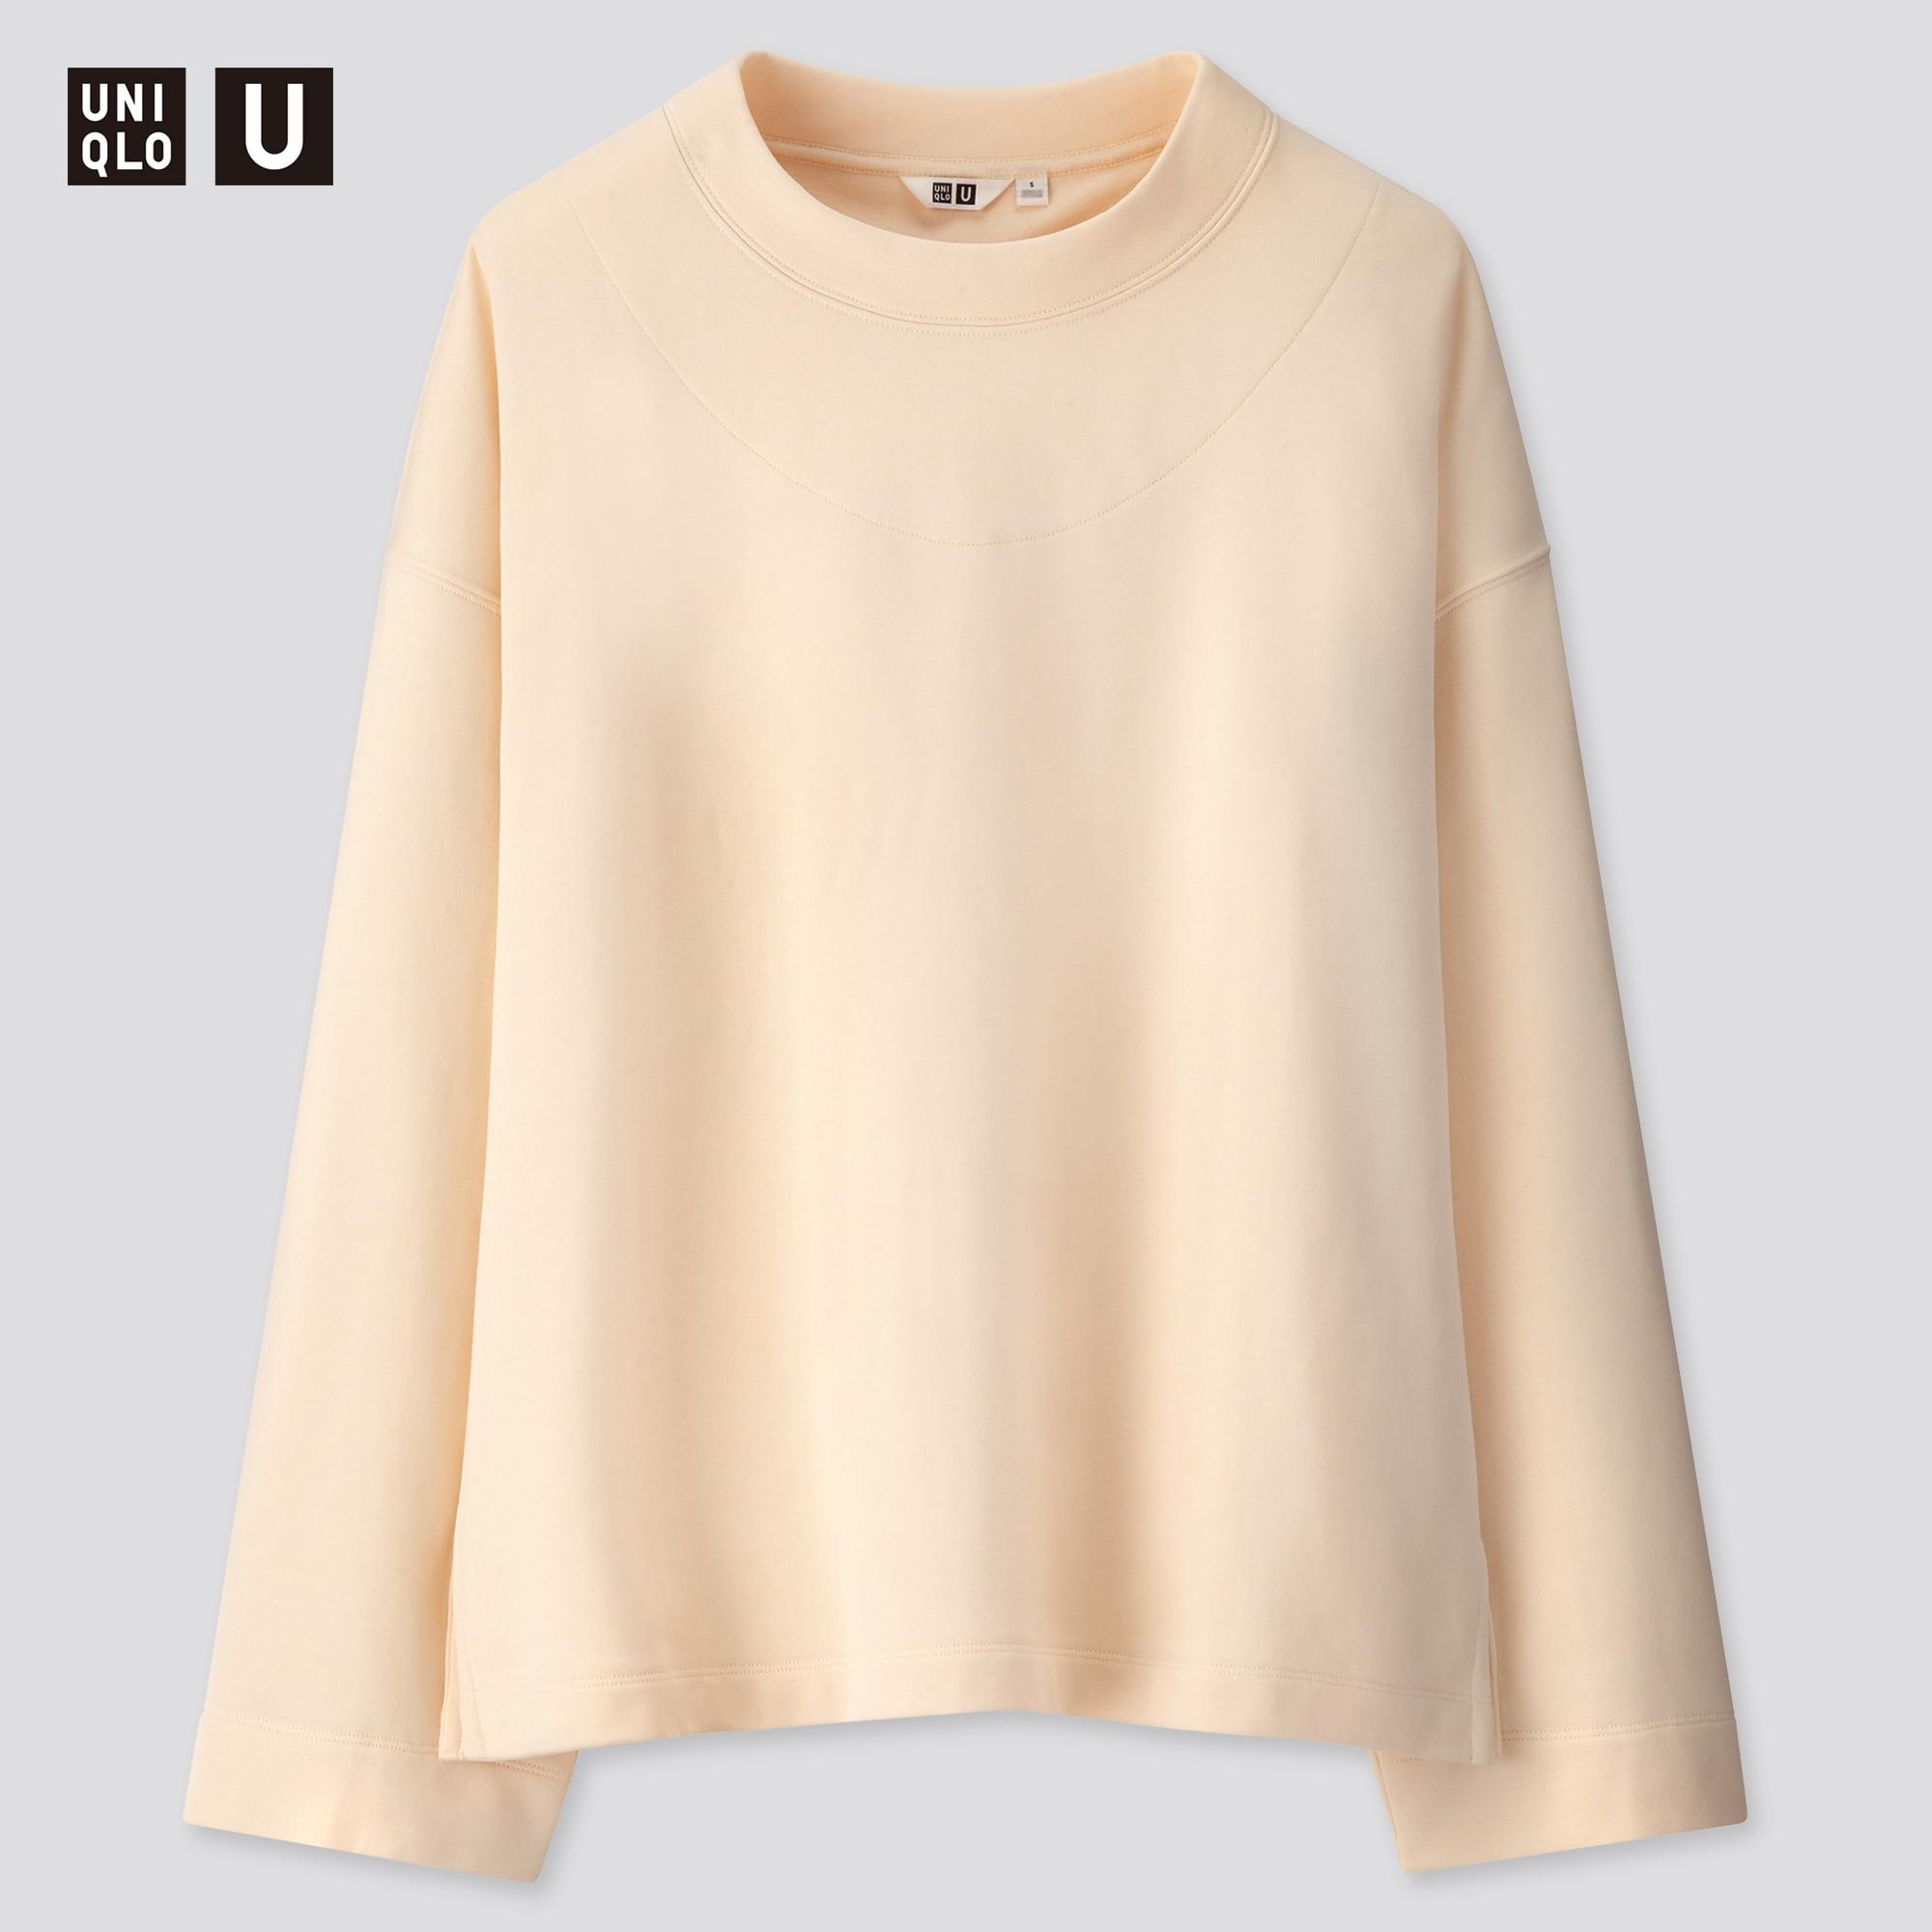 Women Uniqlo U Boxy Fit Sweat Pullover Shirt